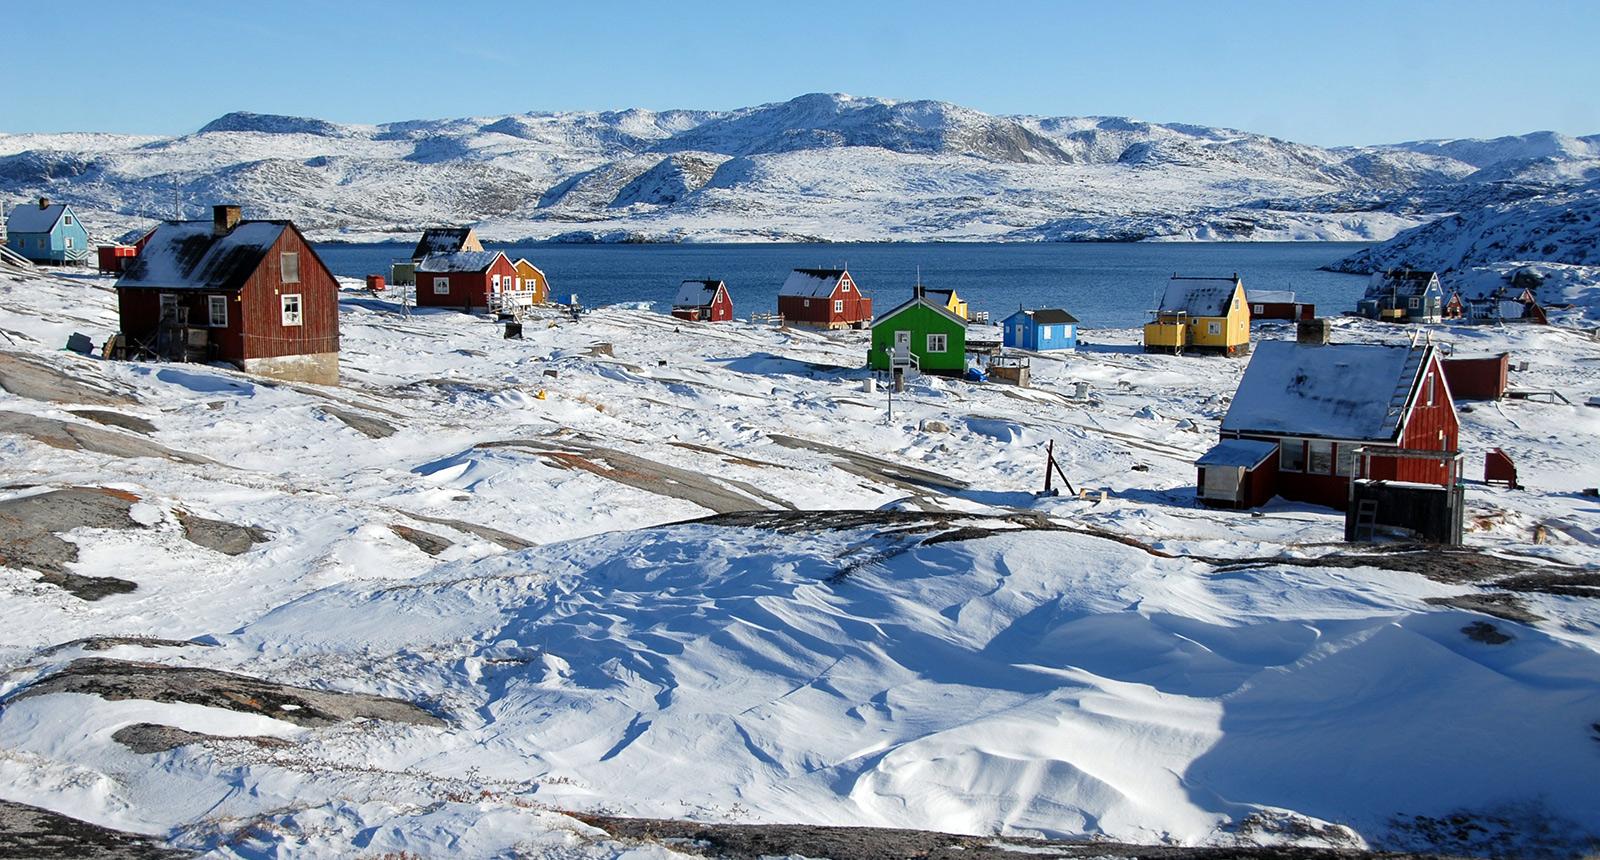 Zašto Trump želi kupiti Grenland?